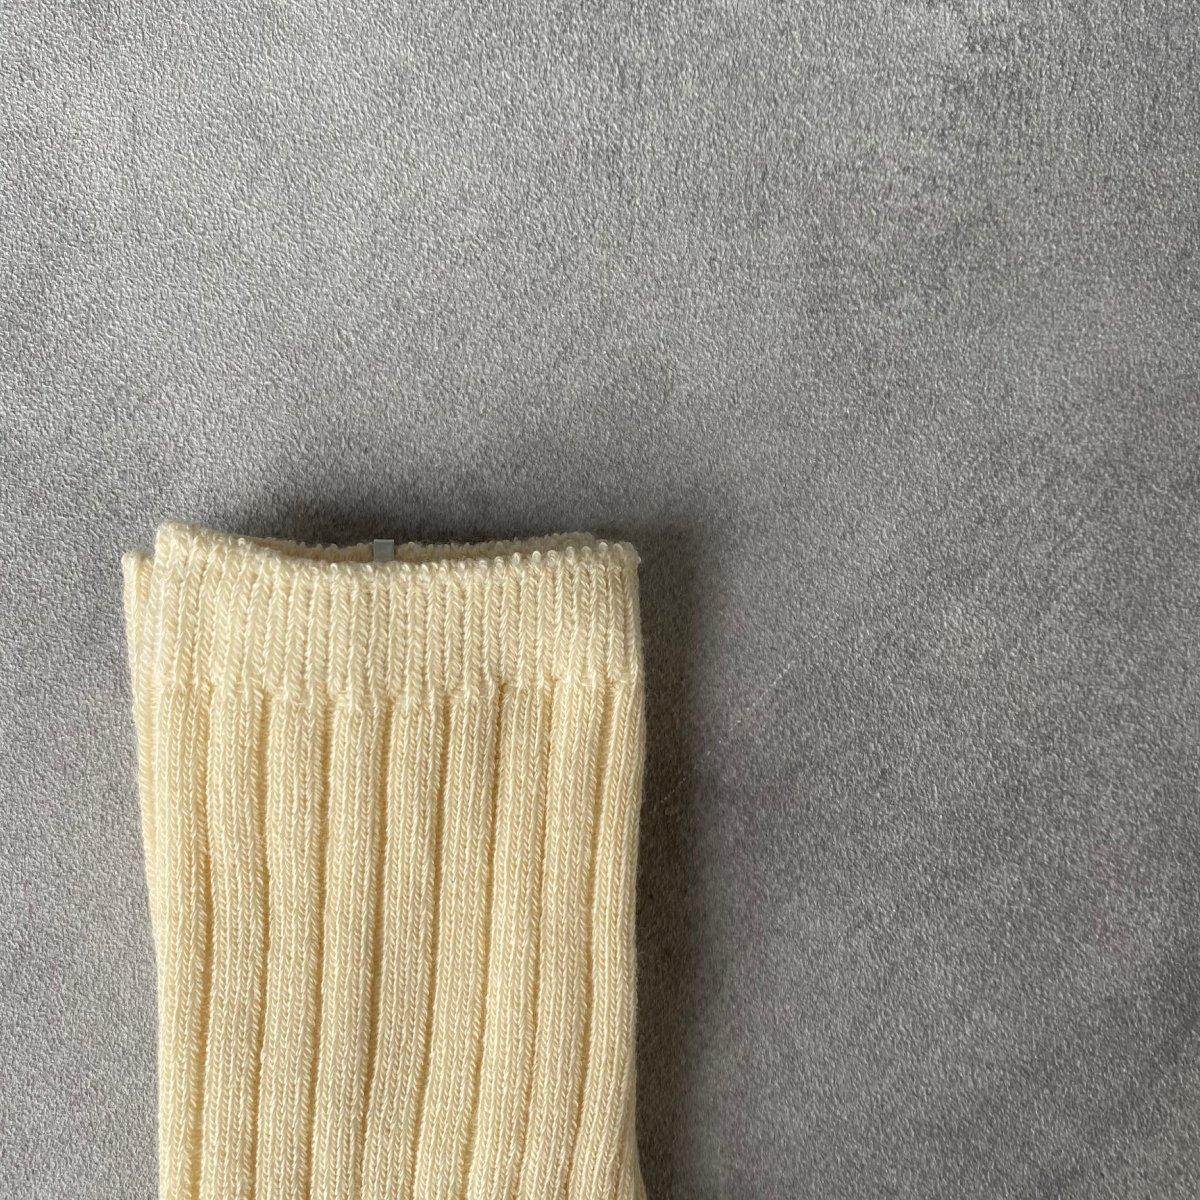 【KIDS】Pistachio Socks 詳細画像6